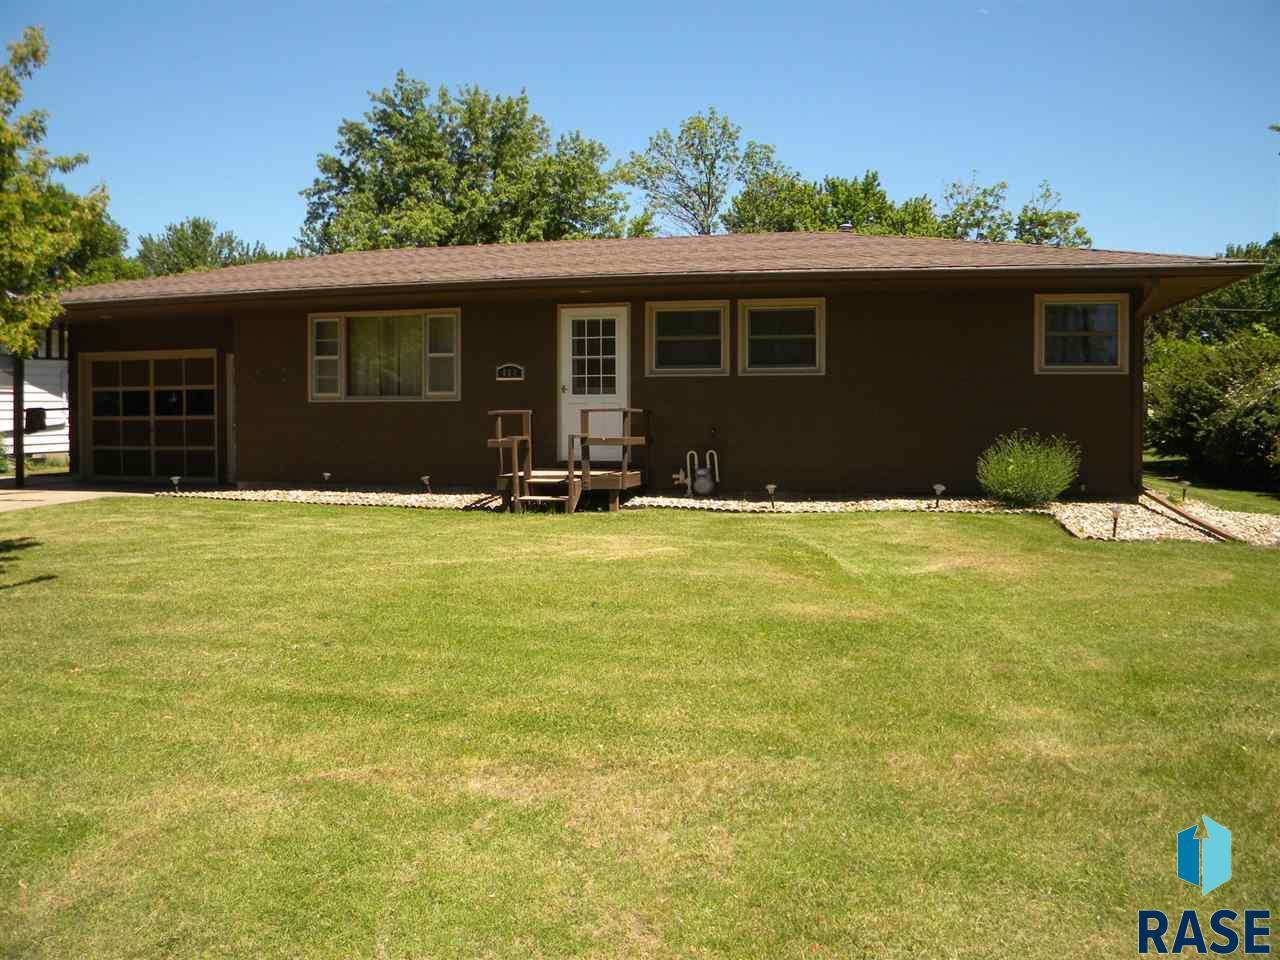 404 N Douglas St, Howard, SD 57349